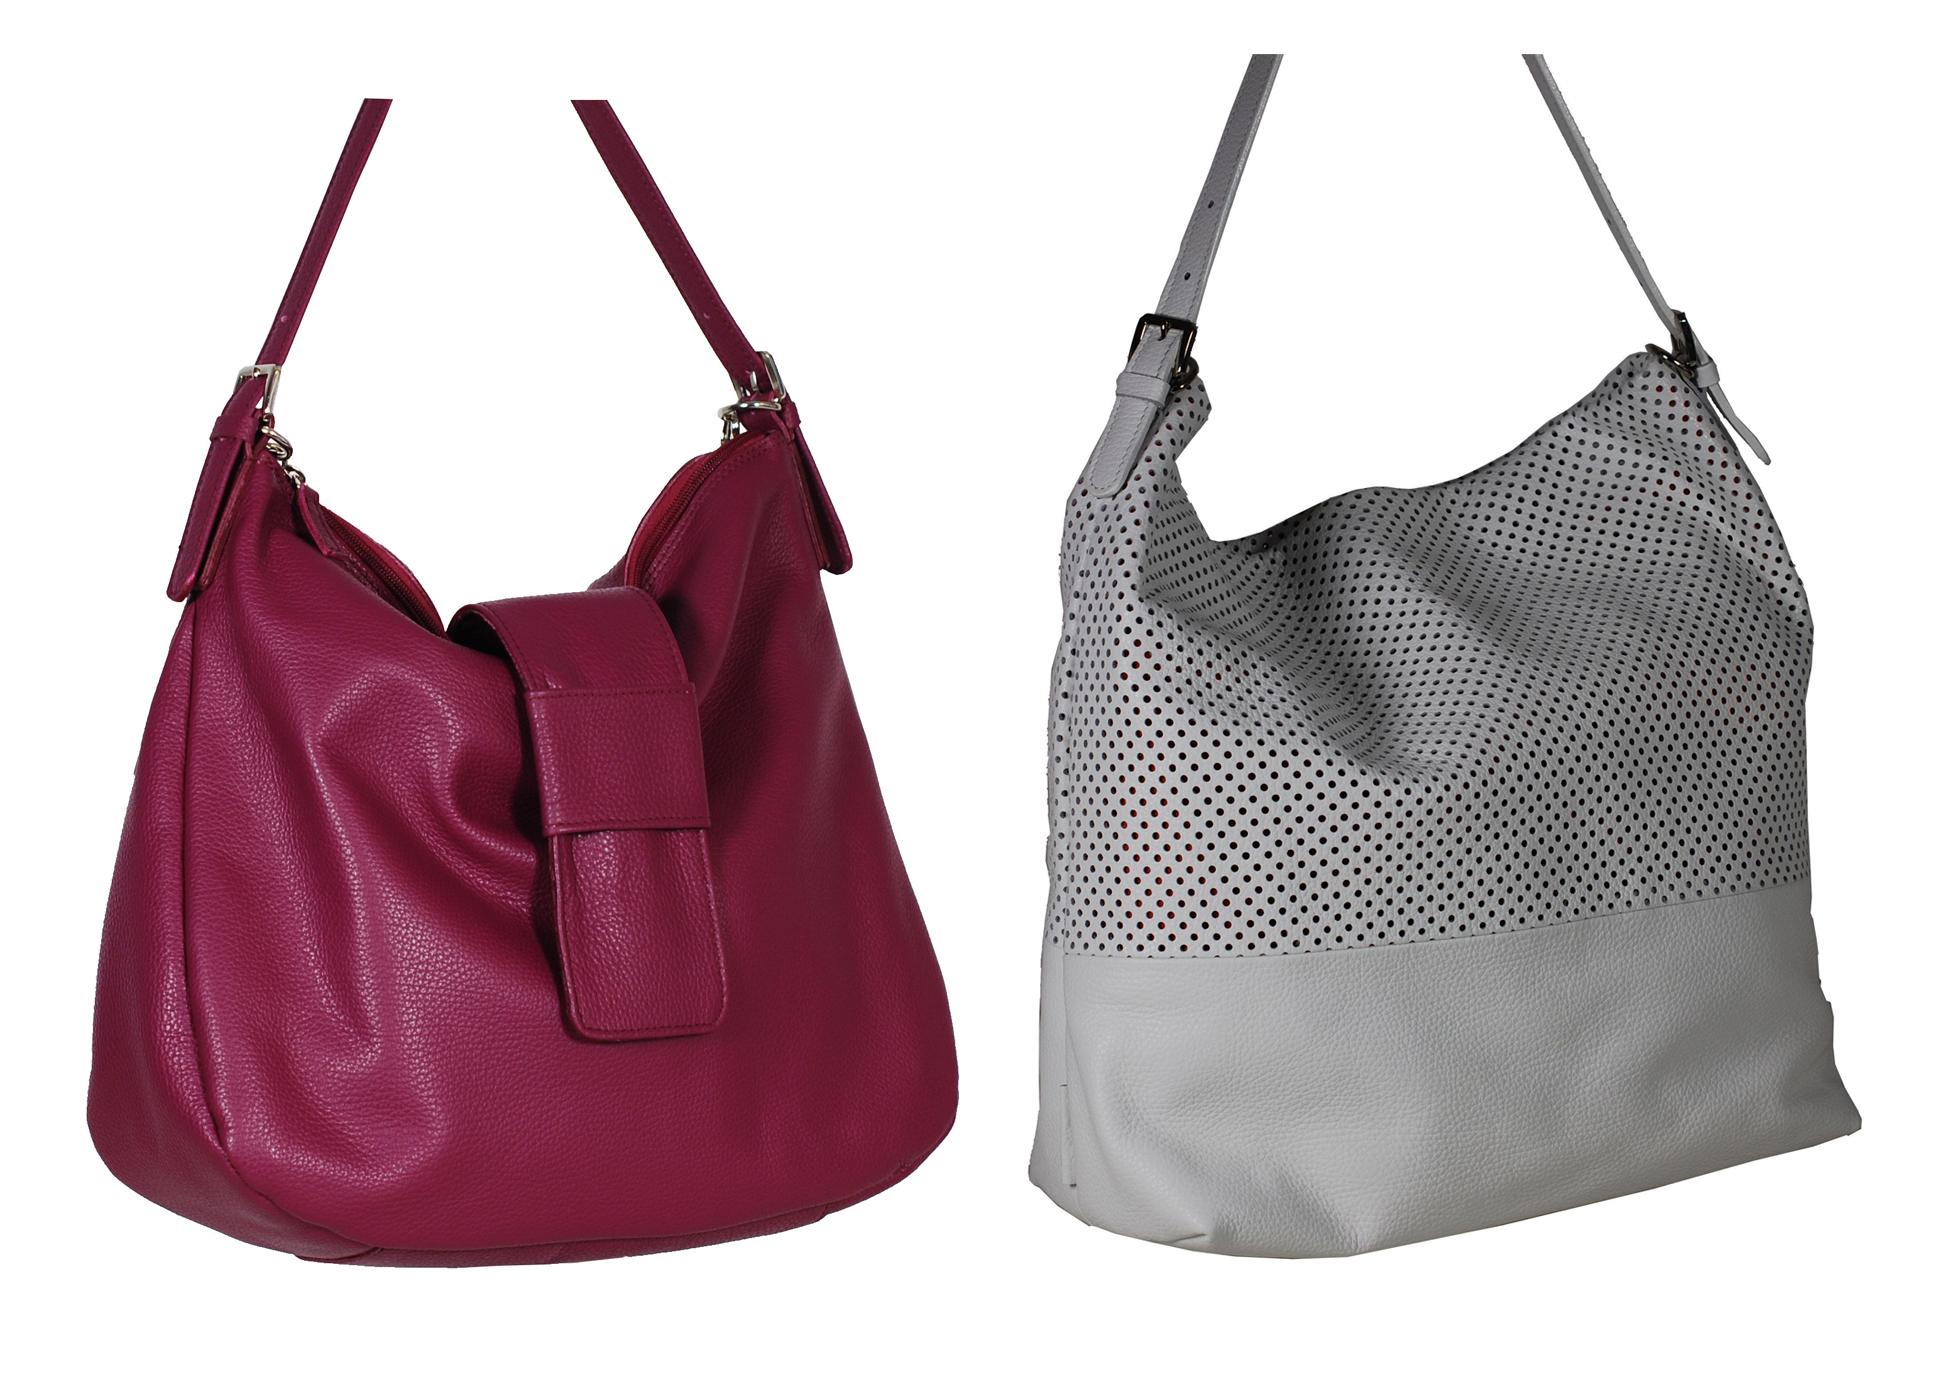 Jost: Die neuen Taschen aus der Vika-Linie